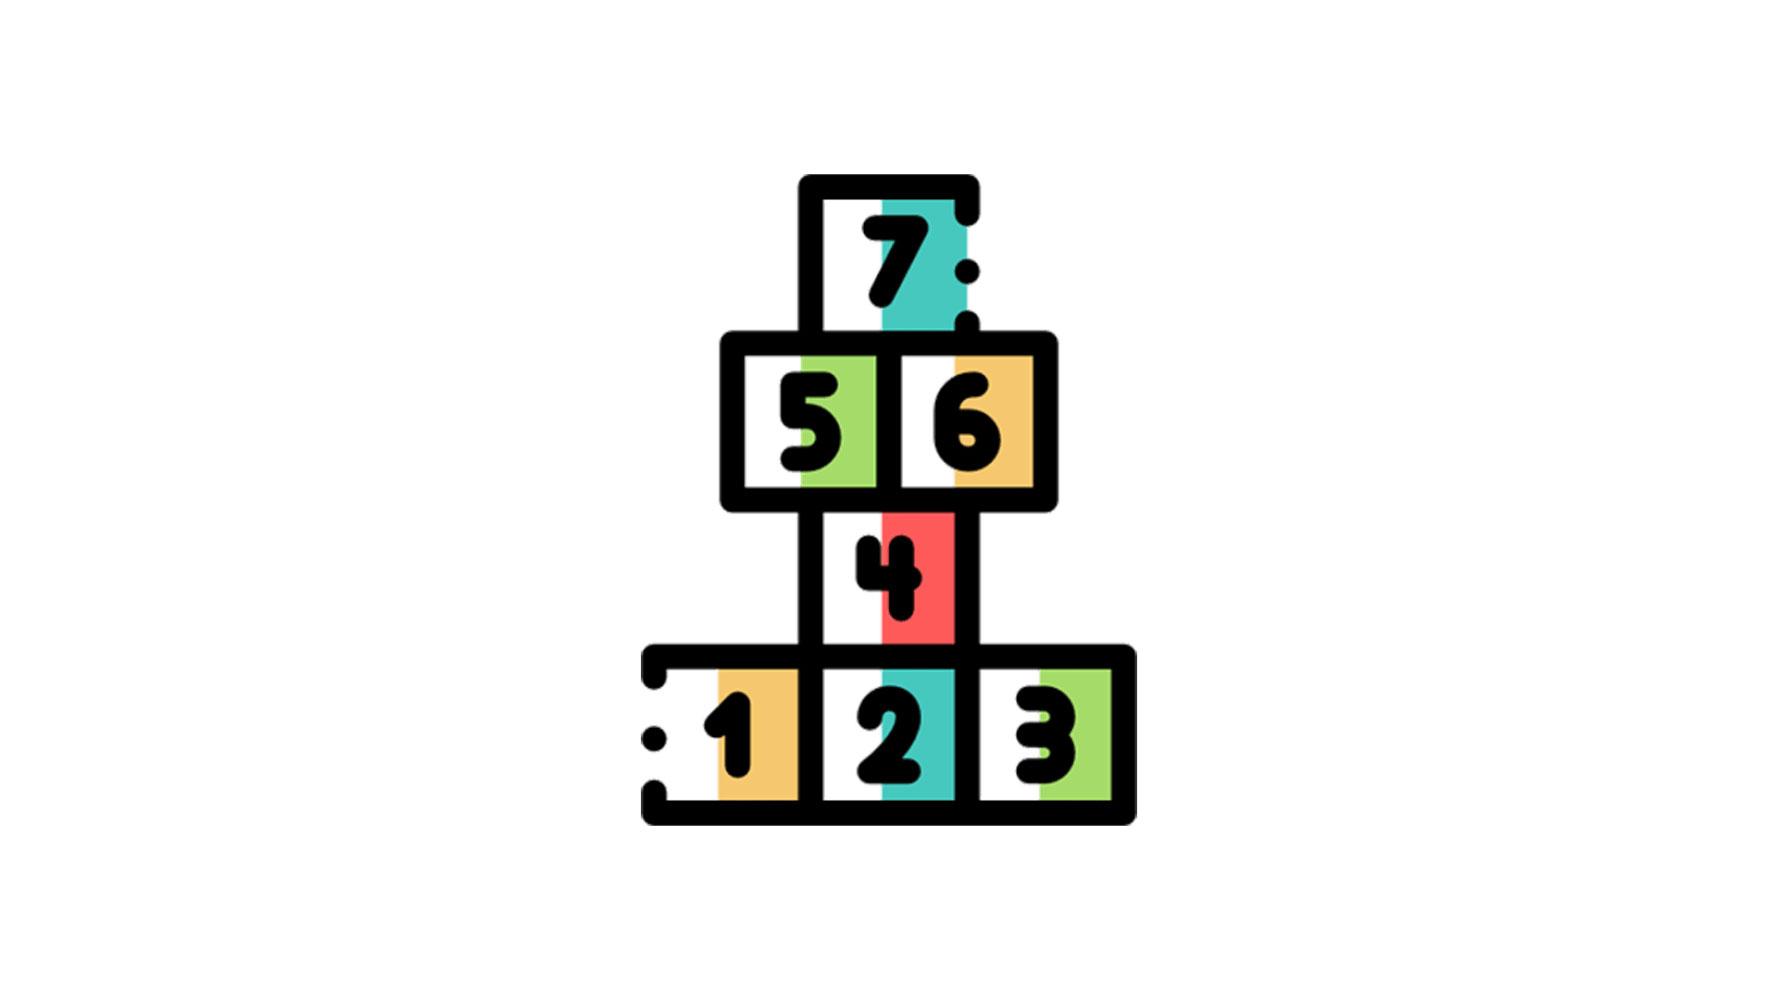 number_skaliert